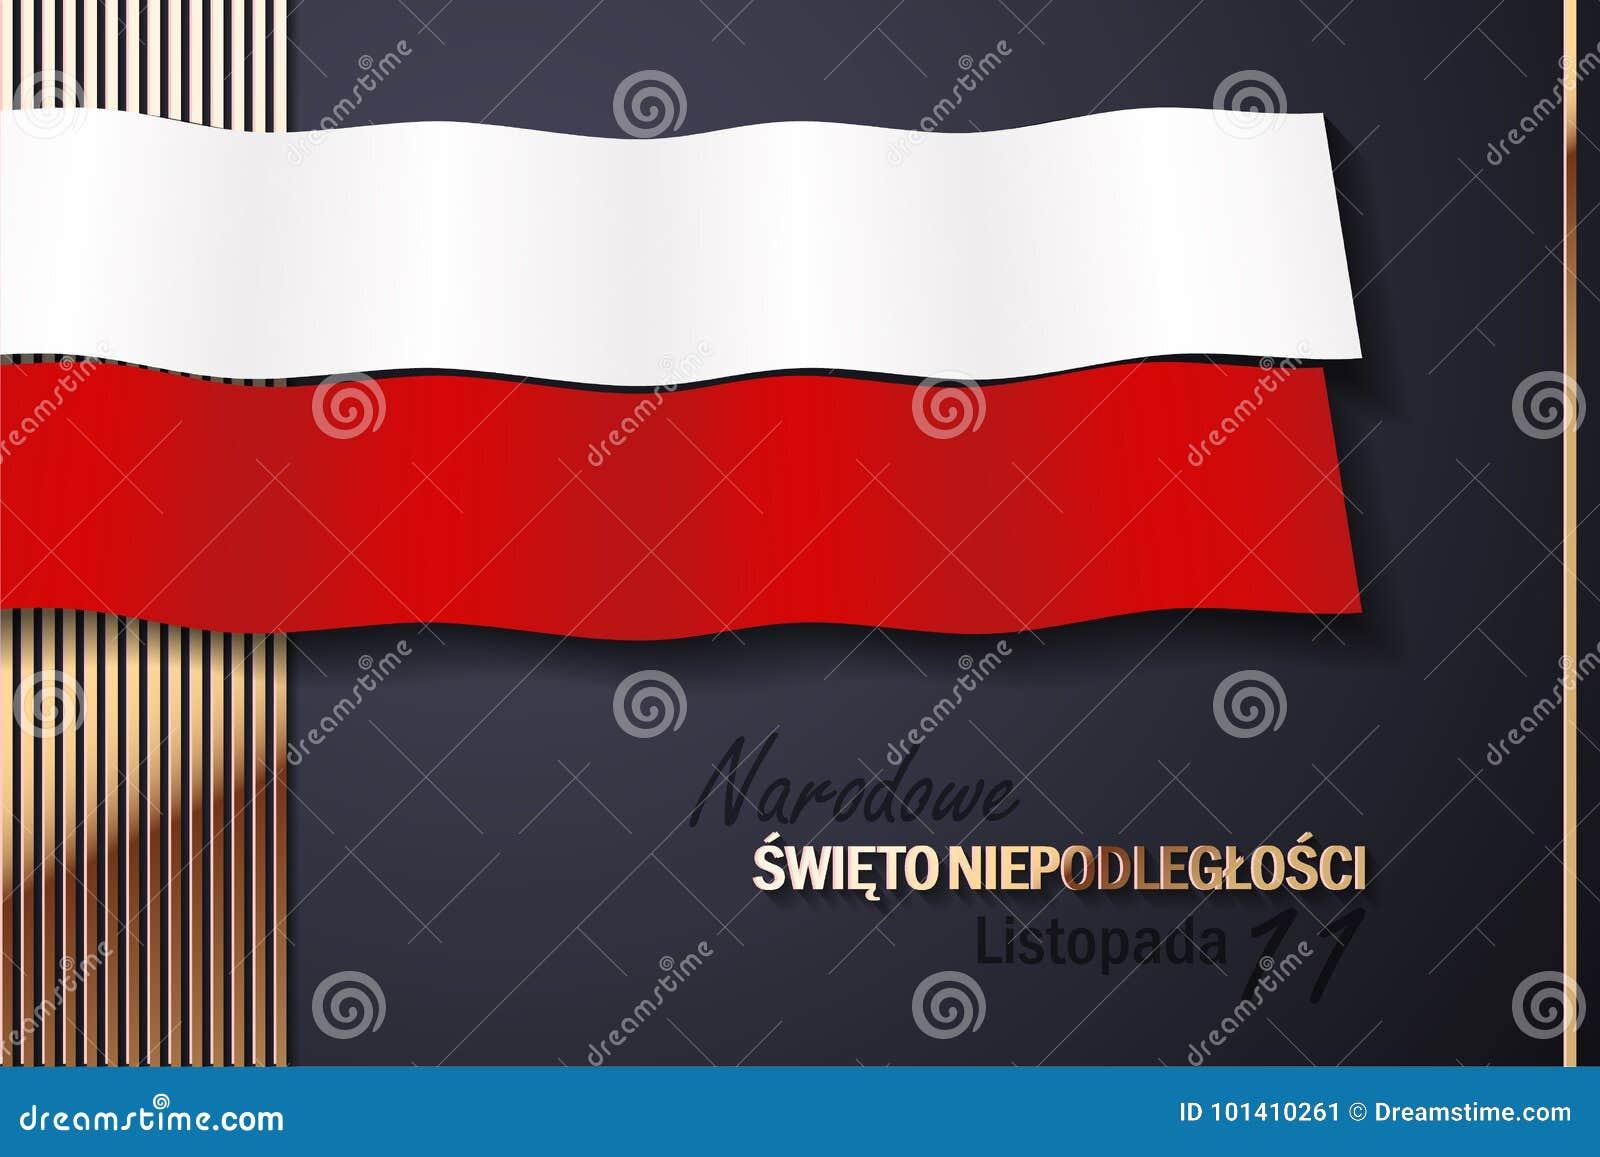 Εθνική ημέρα της ανεξαρτησίας της Πολωνίας με τα χρυσά στοιχεία